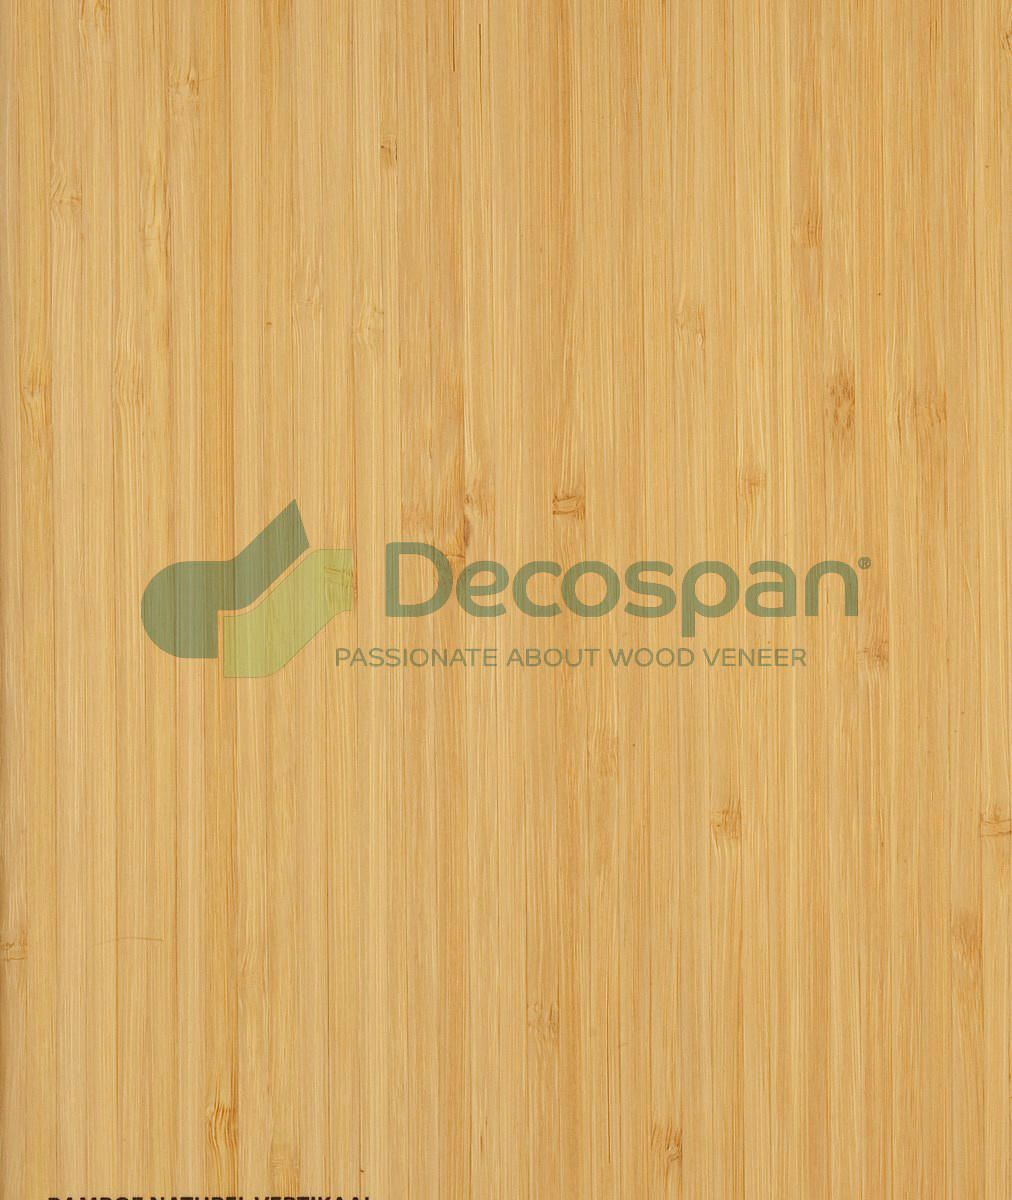 Tout à propos de Decospan Bamboo Natural Side Pressed de Decospan sur Architonic. Trouvez des photos et des informations détaillées au sujet des..